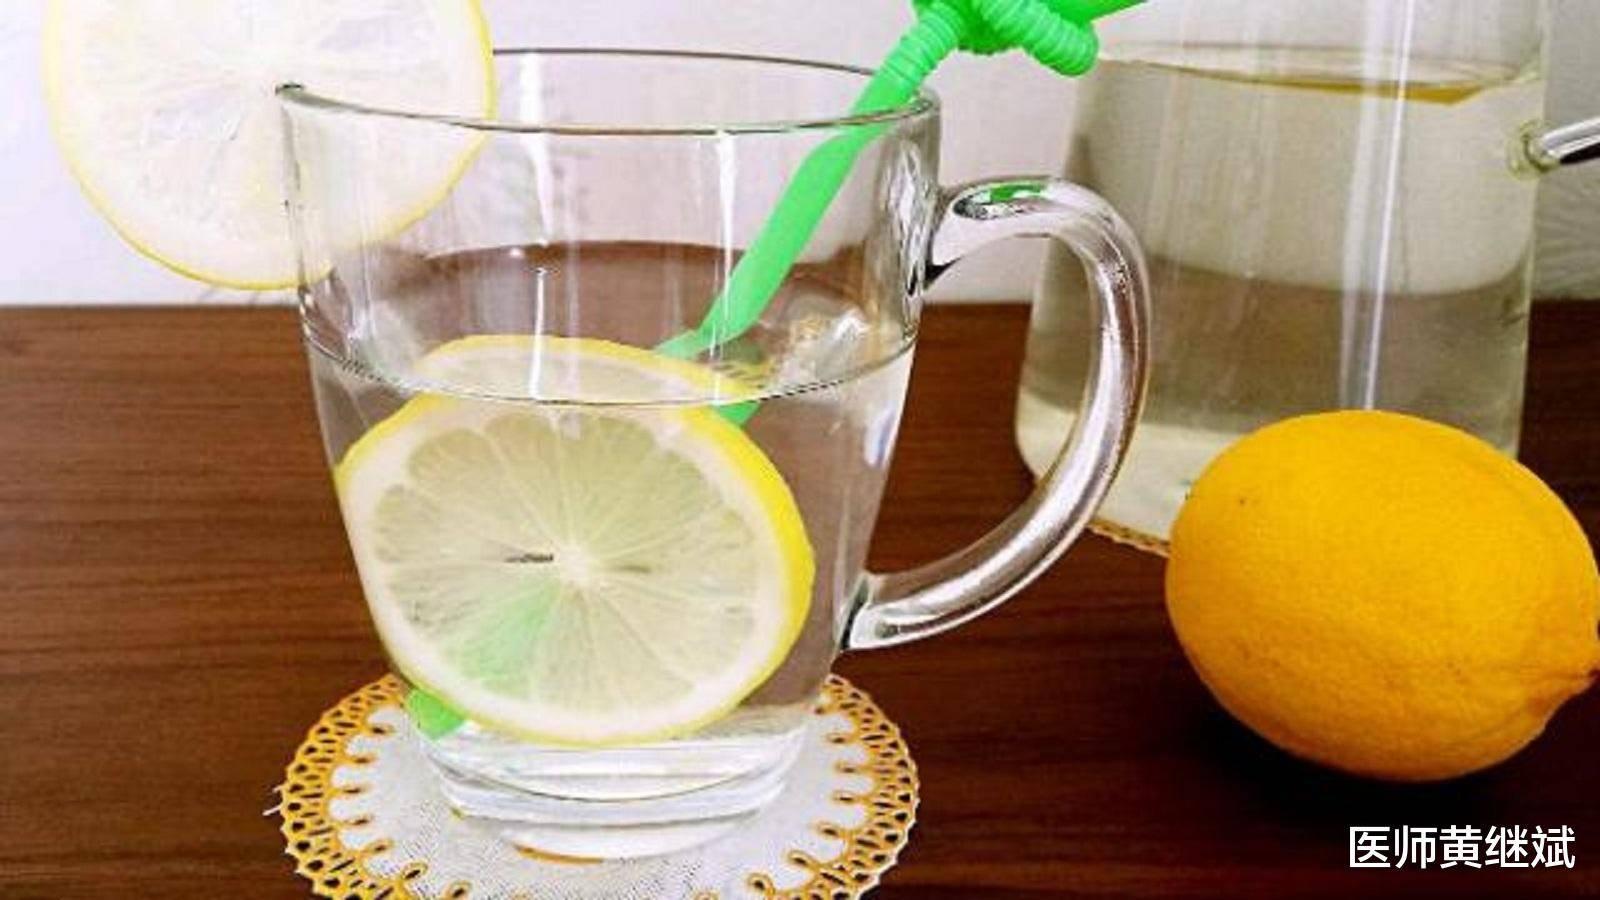 原创夏季喝什么美容消痘?除了蜂蜜柠檬水,还有两大选择